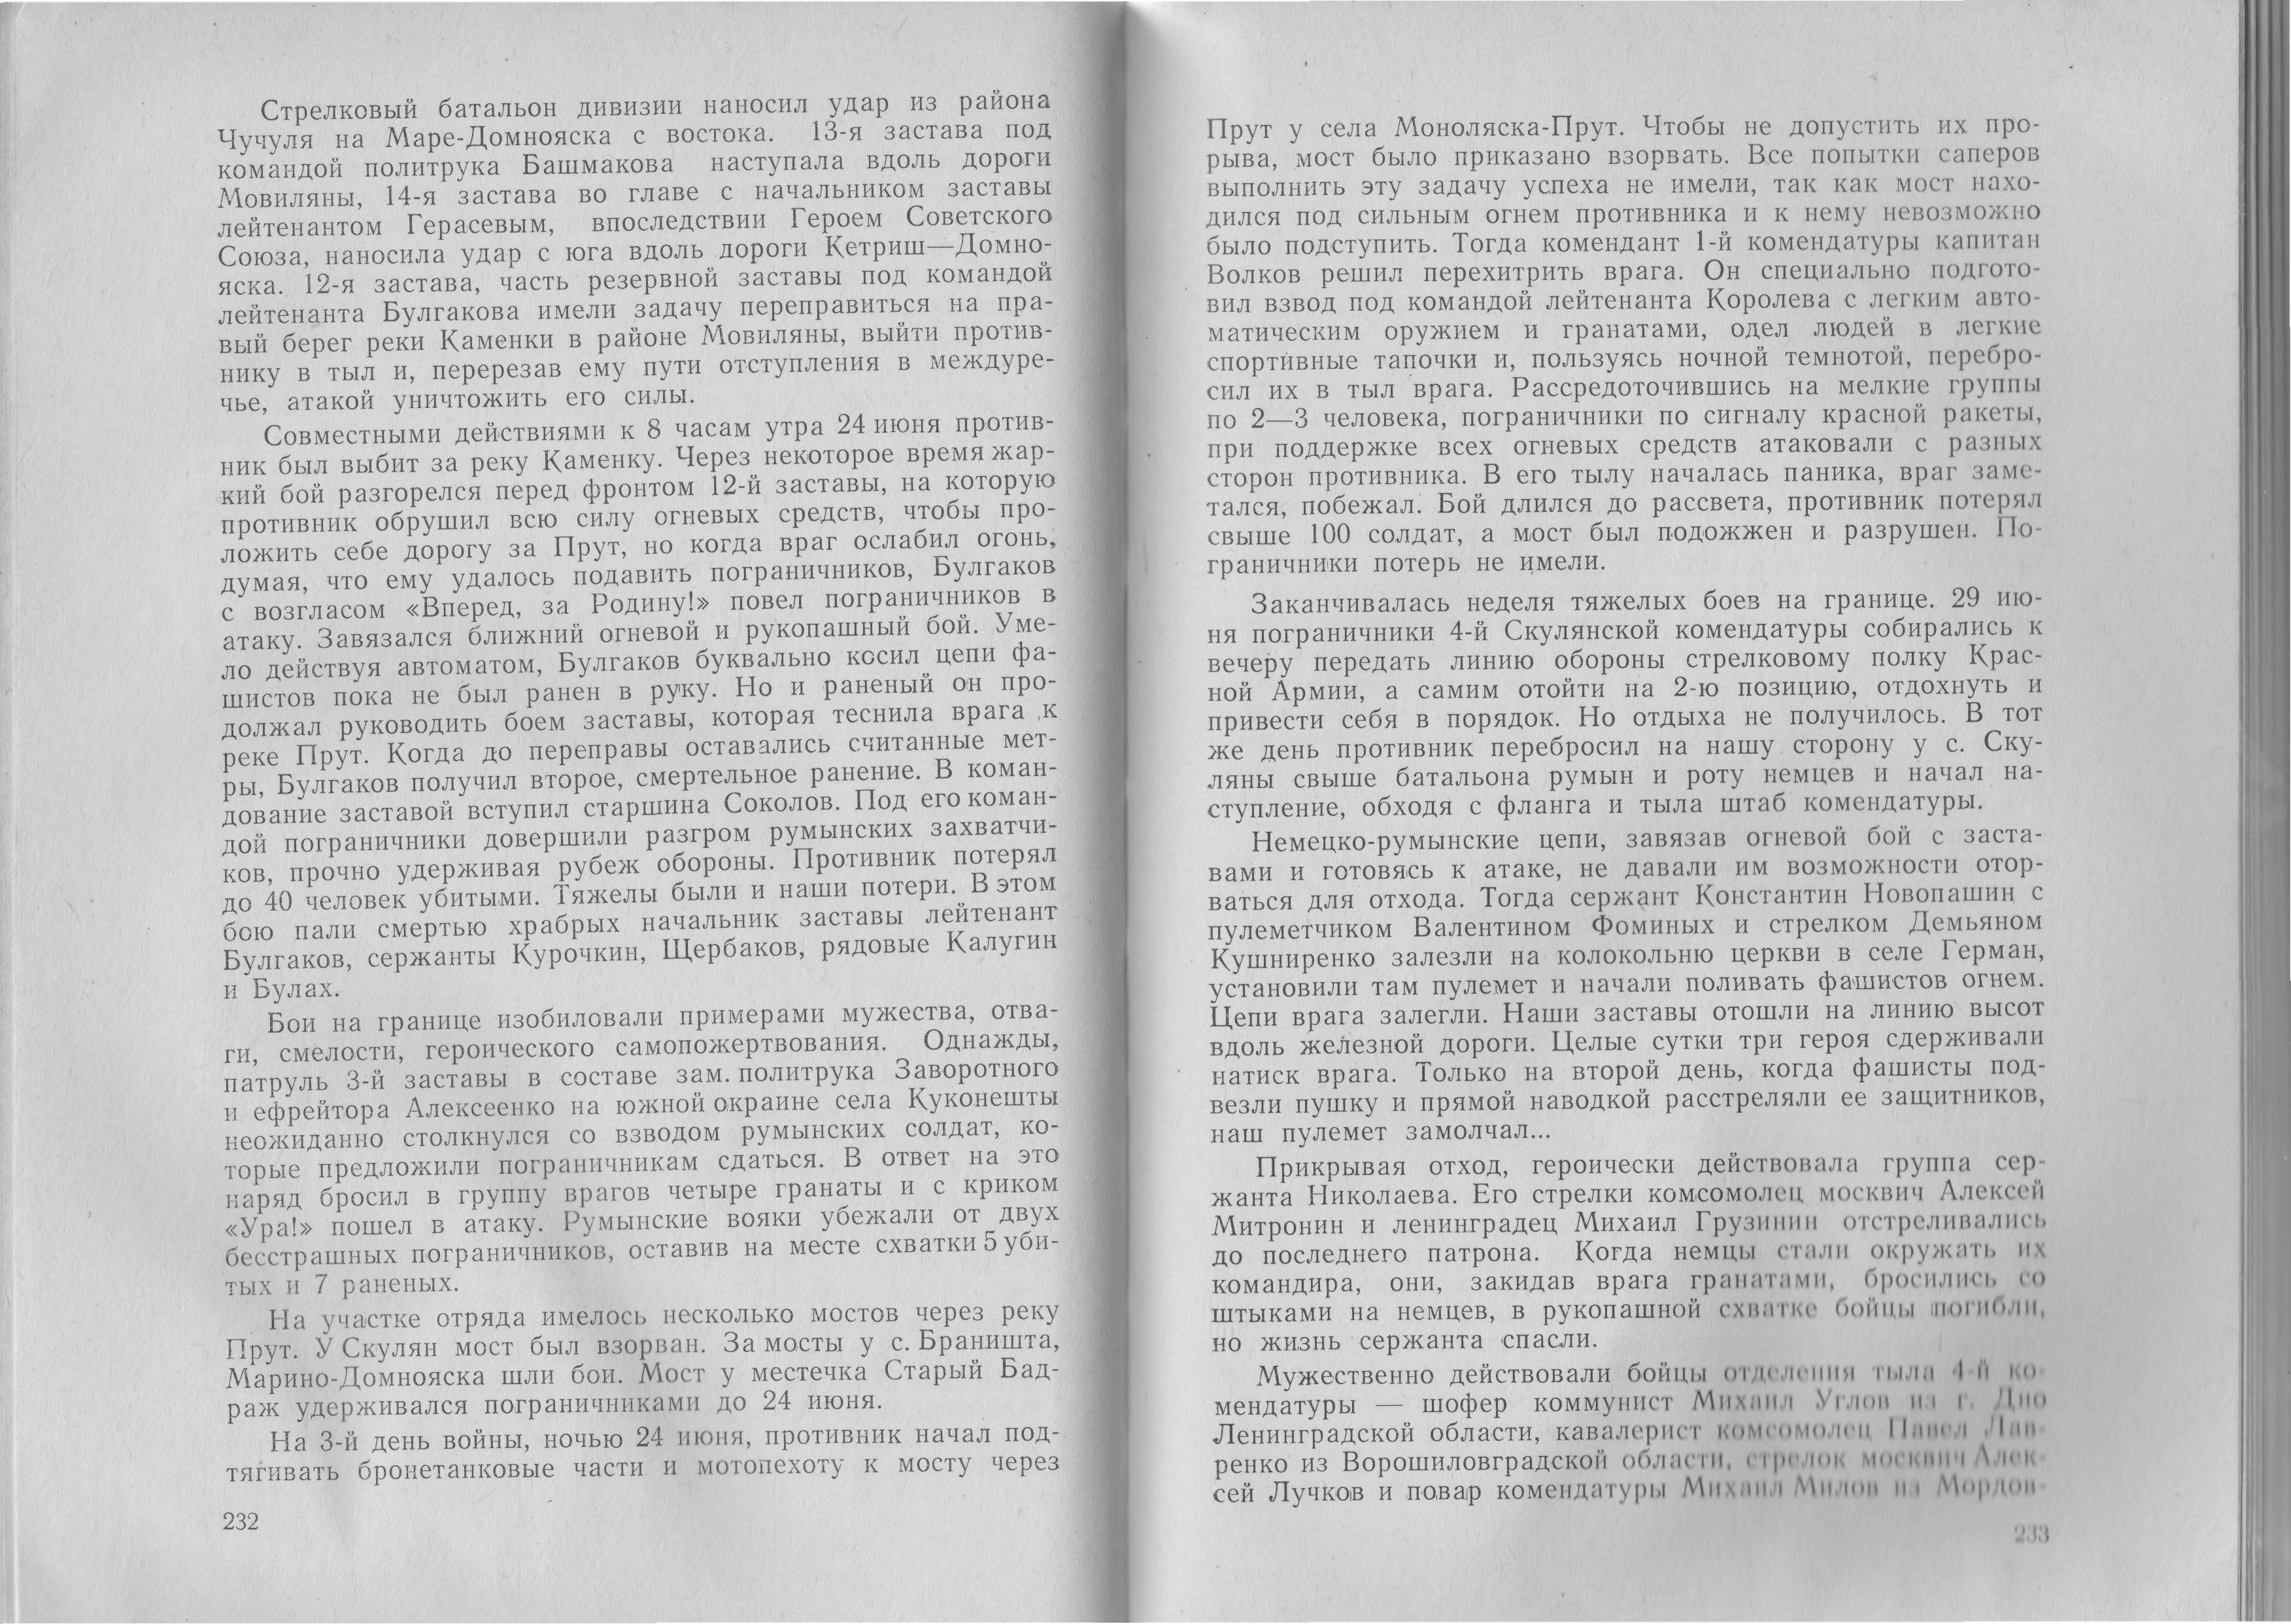 Книга «На страже границ Советского государства» (текст С. Е. Капустина) - Страница 232-233